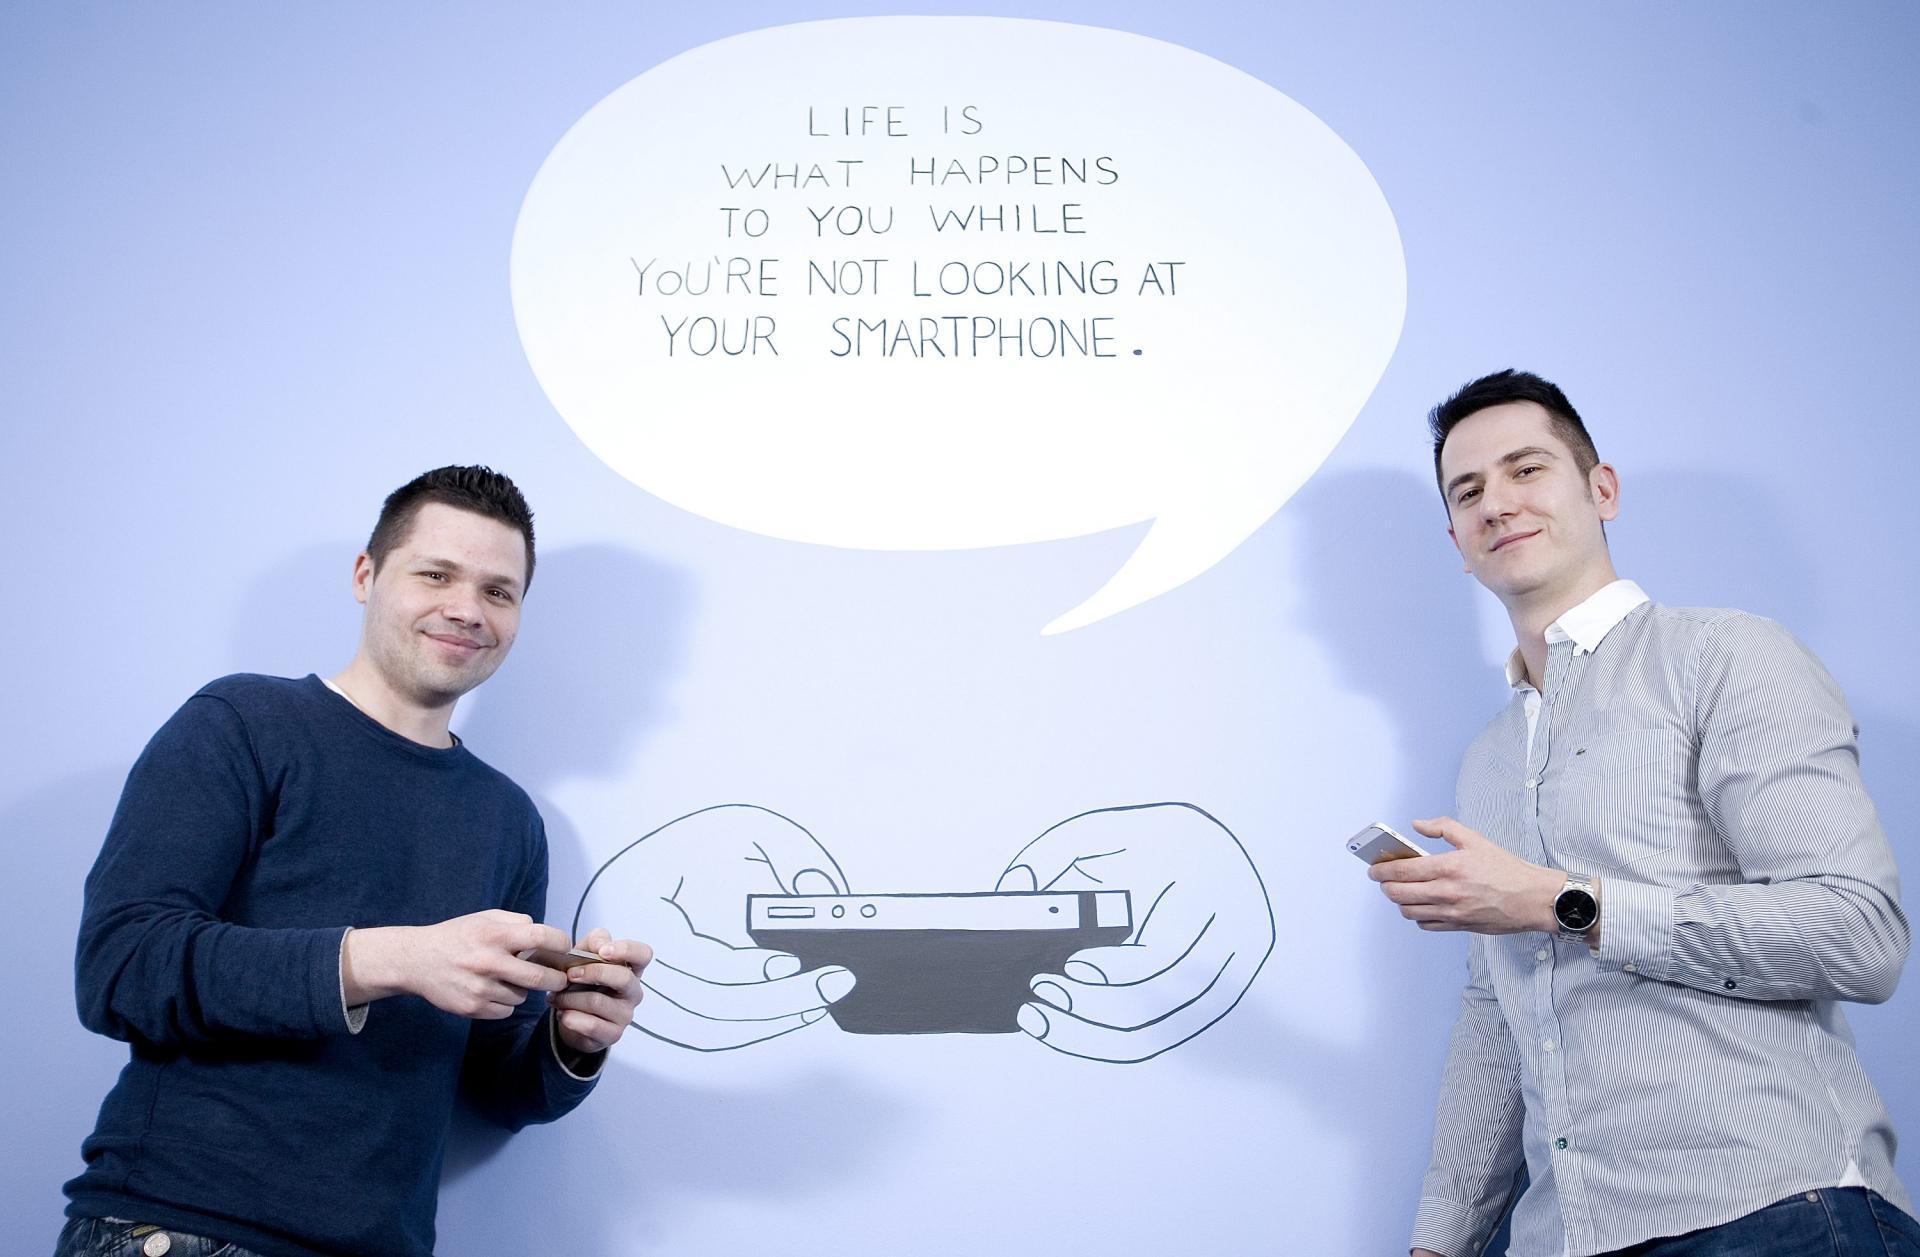 Alan Sumina i Zoran Gucinic, vlasnici tvrtke Nanobit koja se bavi razvojem softvera za mobilne igre